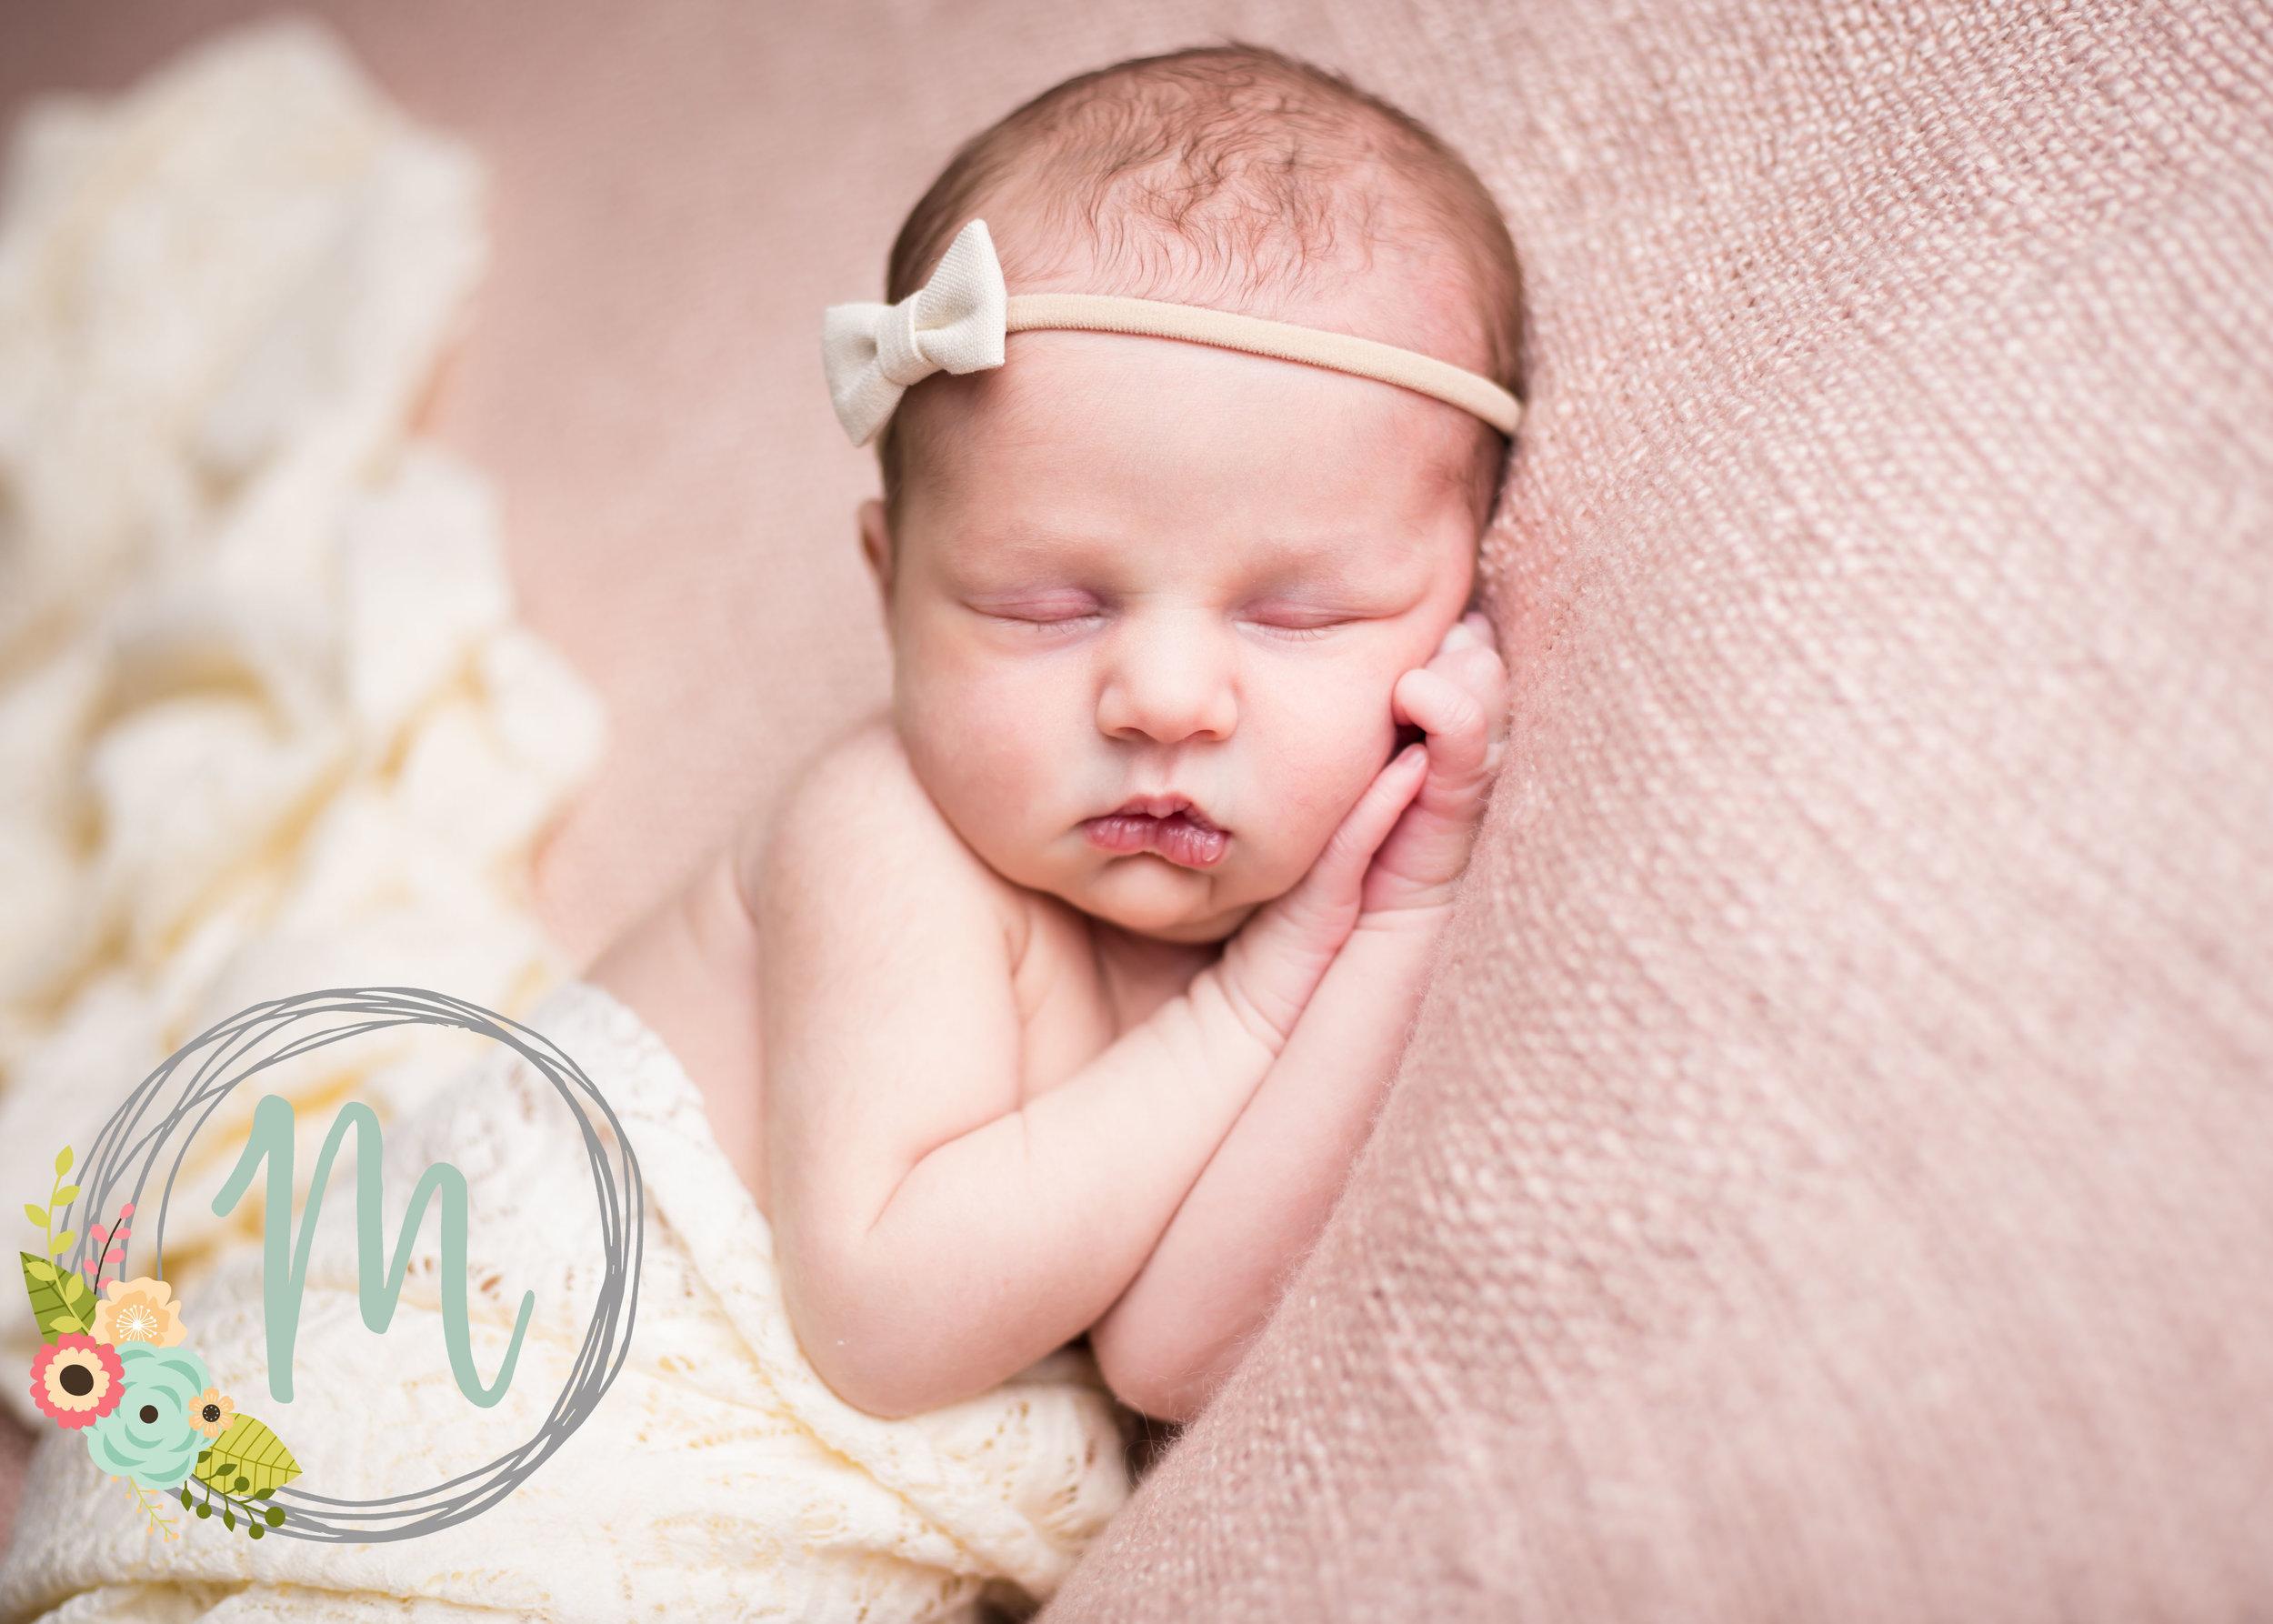 Mobie Photo - Utah Newborn Photography